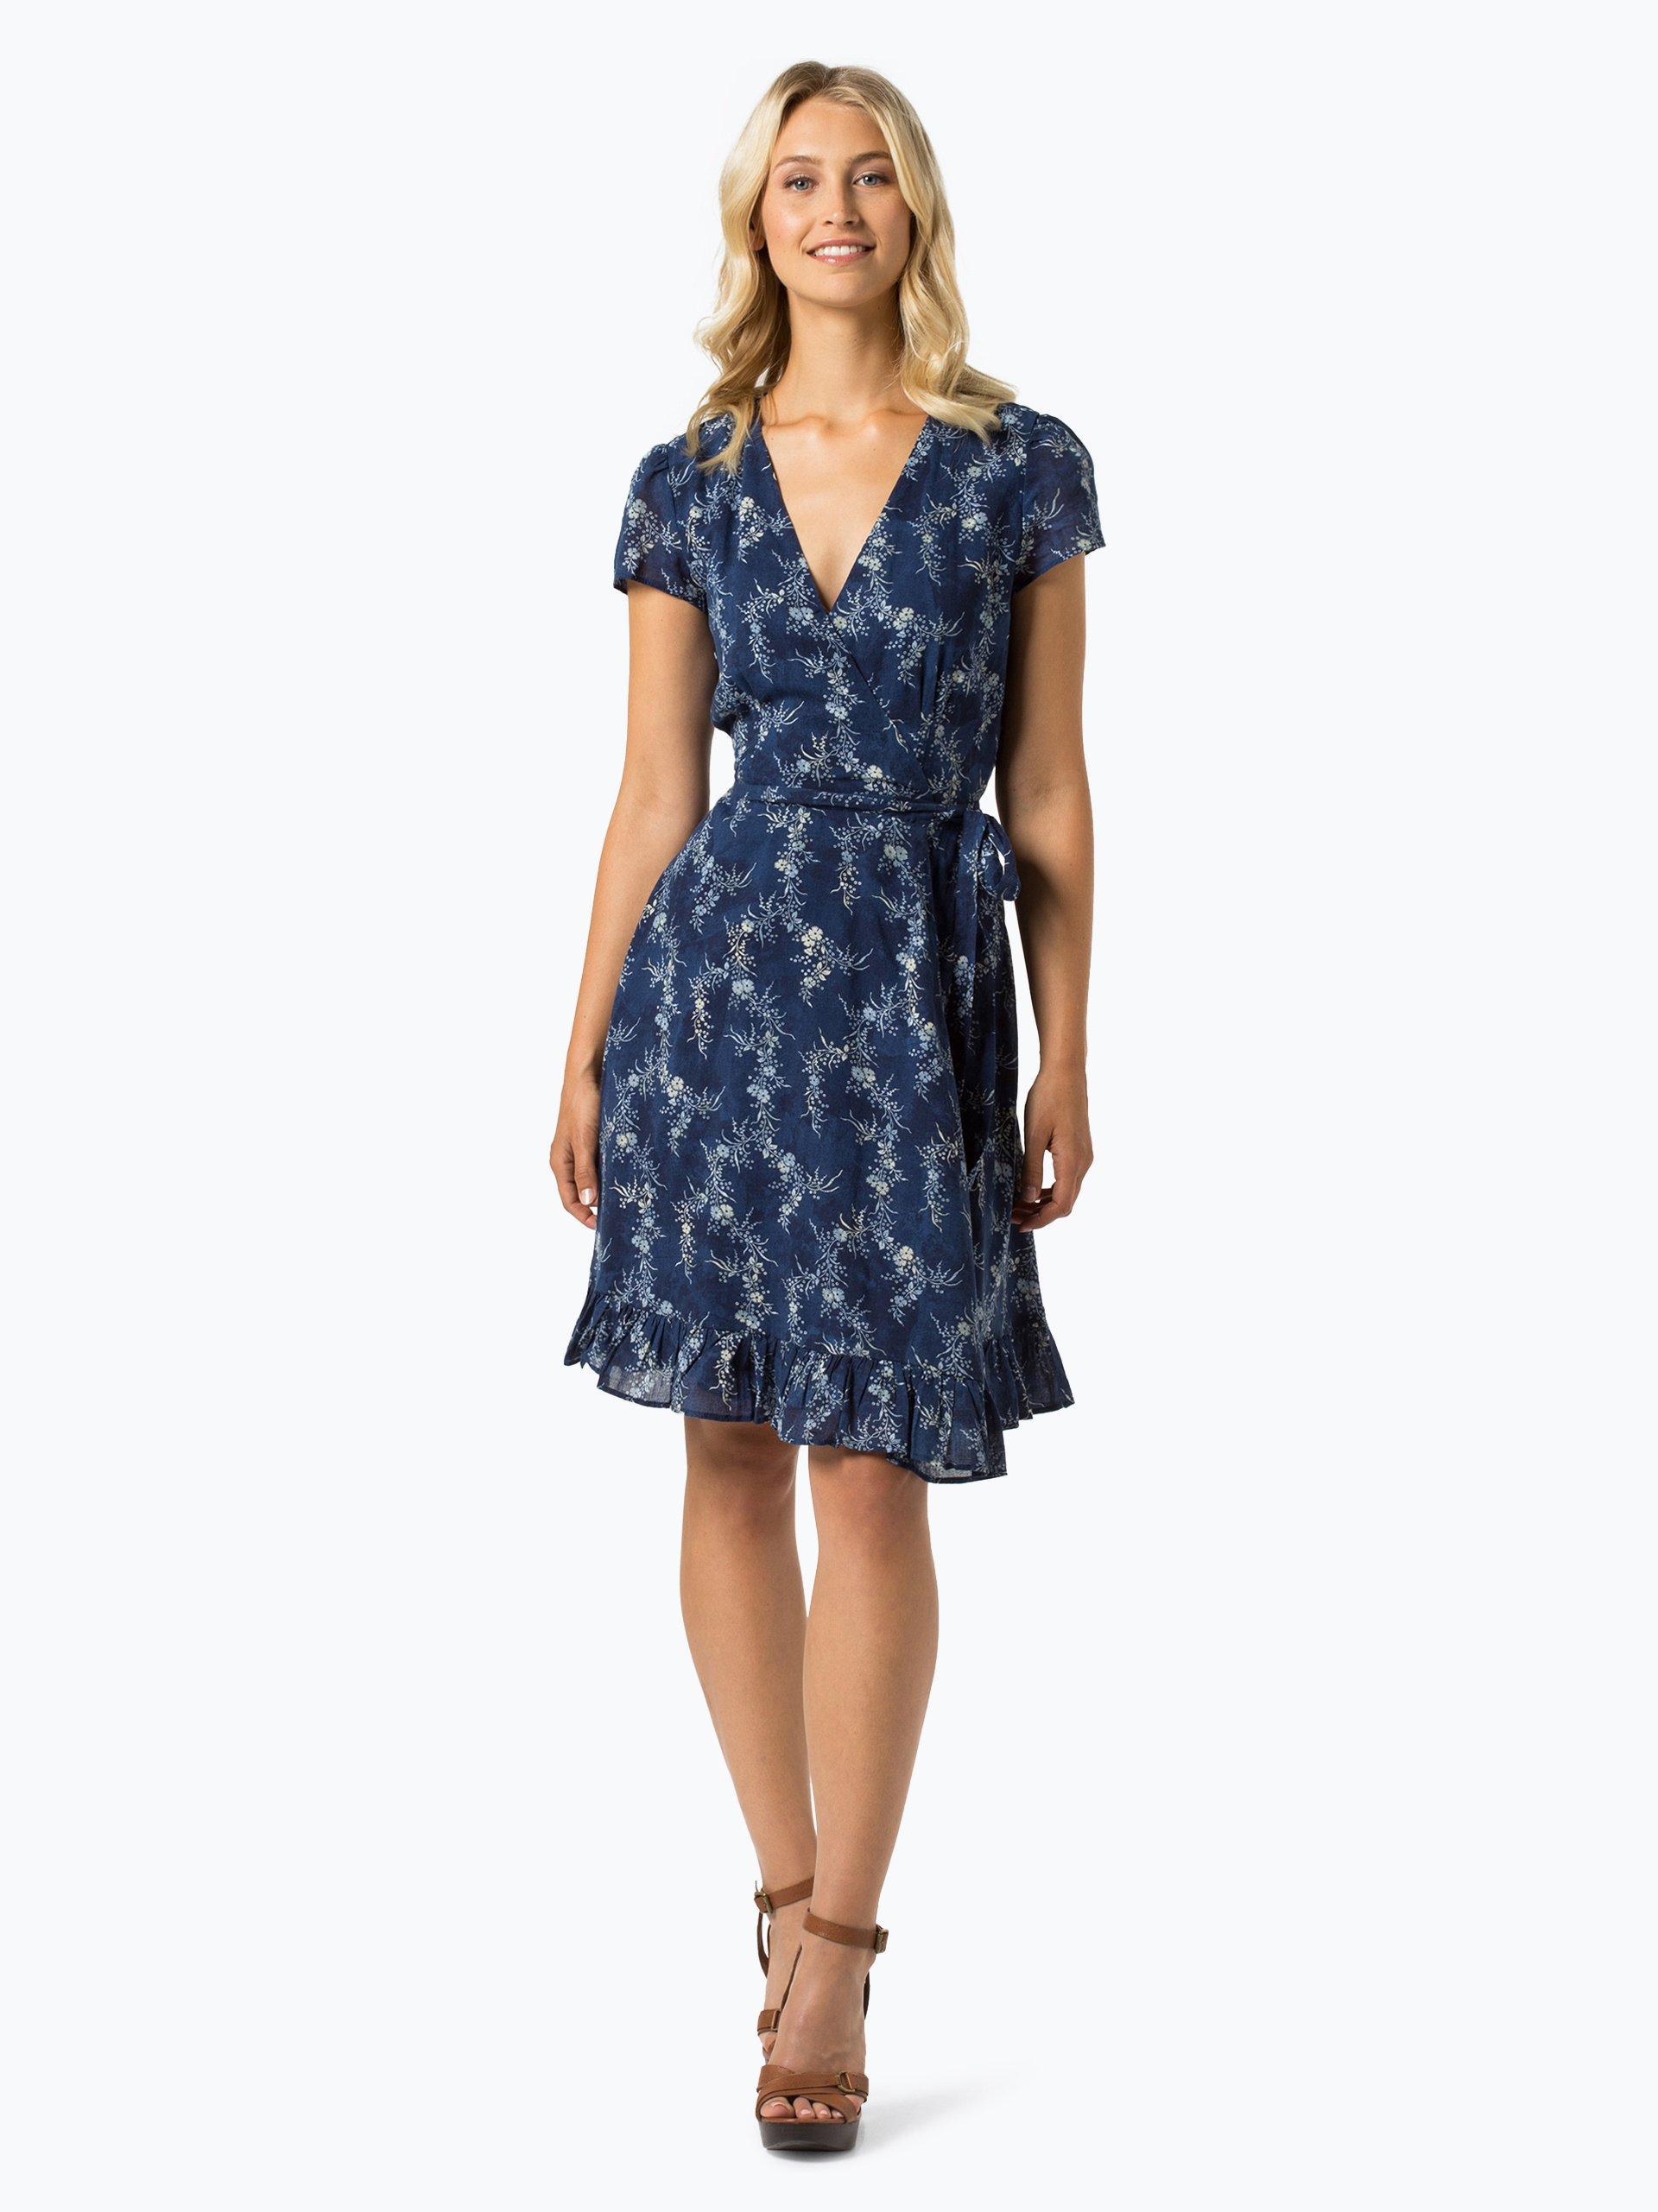 polo ralph lauren damen kleid indigo gemustert online kaufen vangraaf com. Black Bedroom Furniture Sets. Home Design Ideas